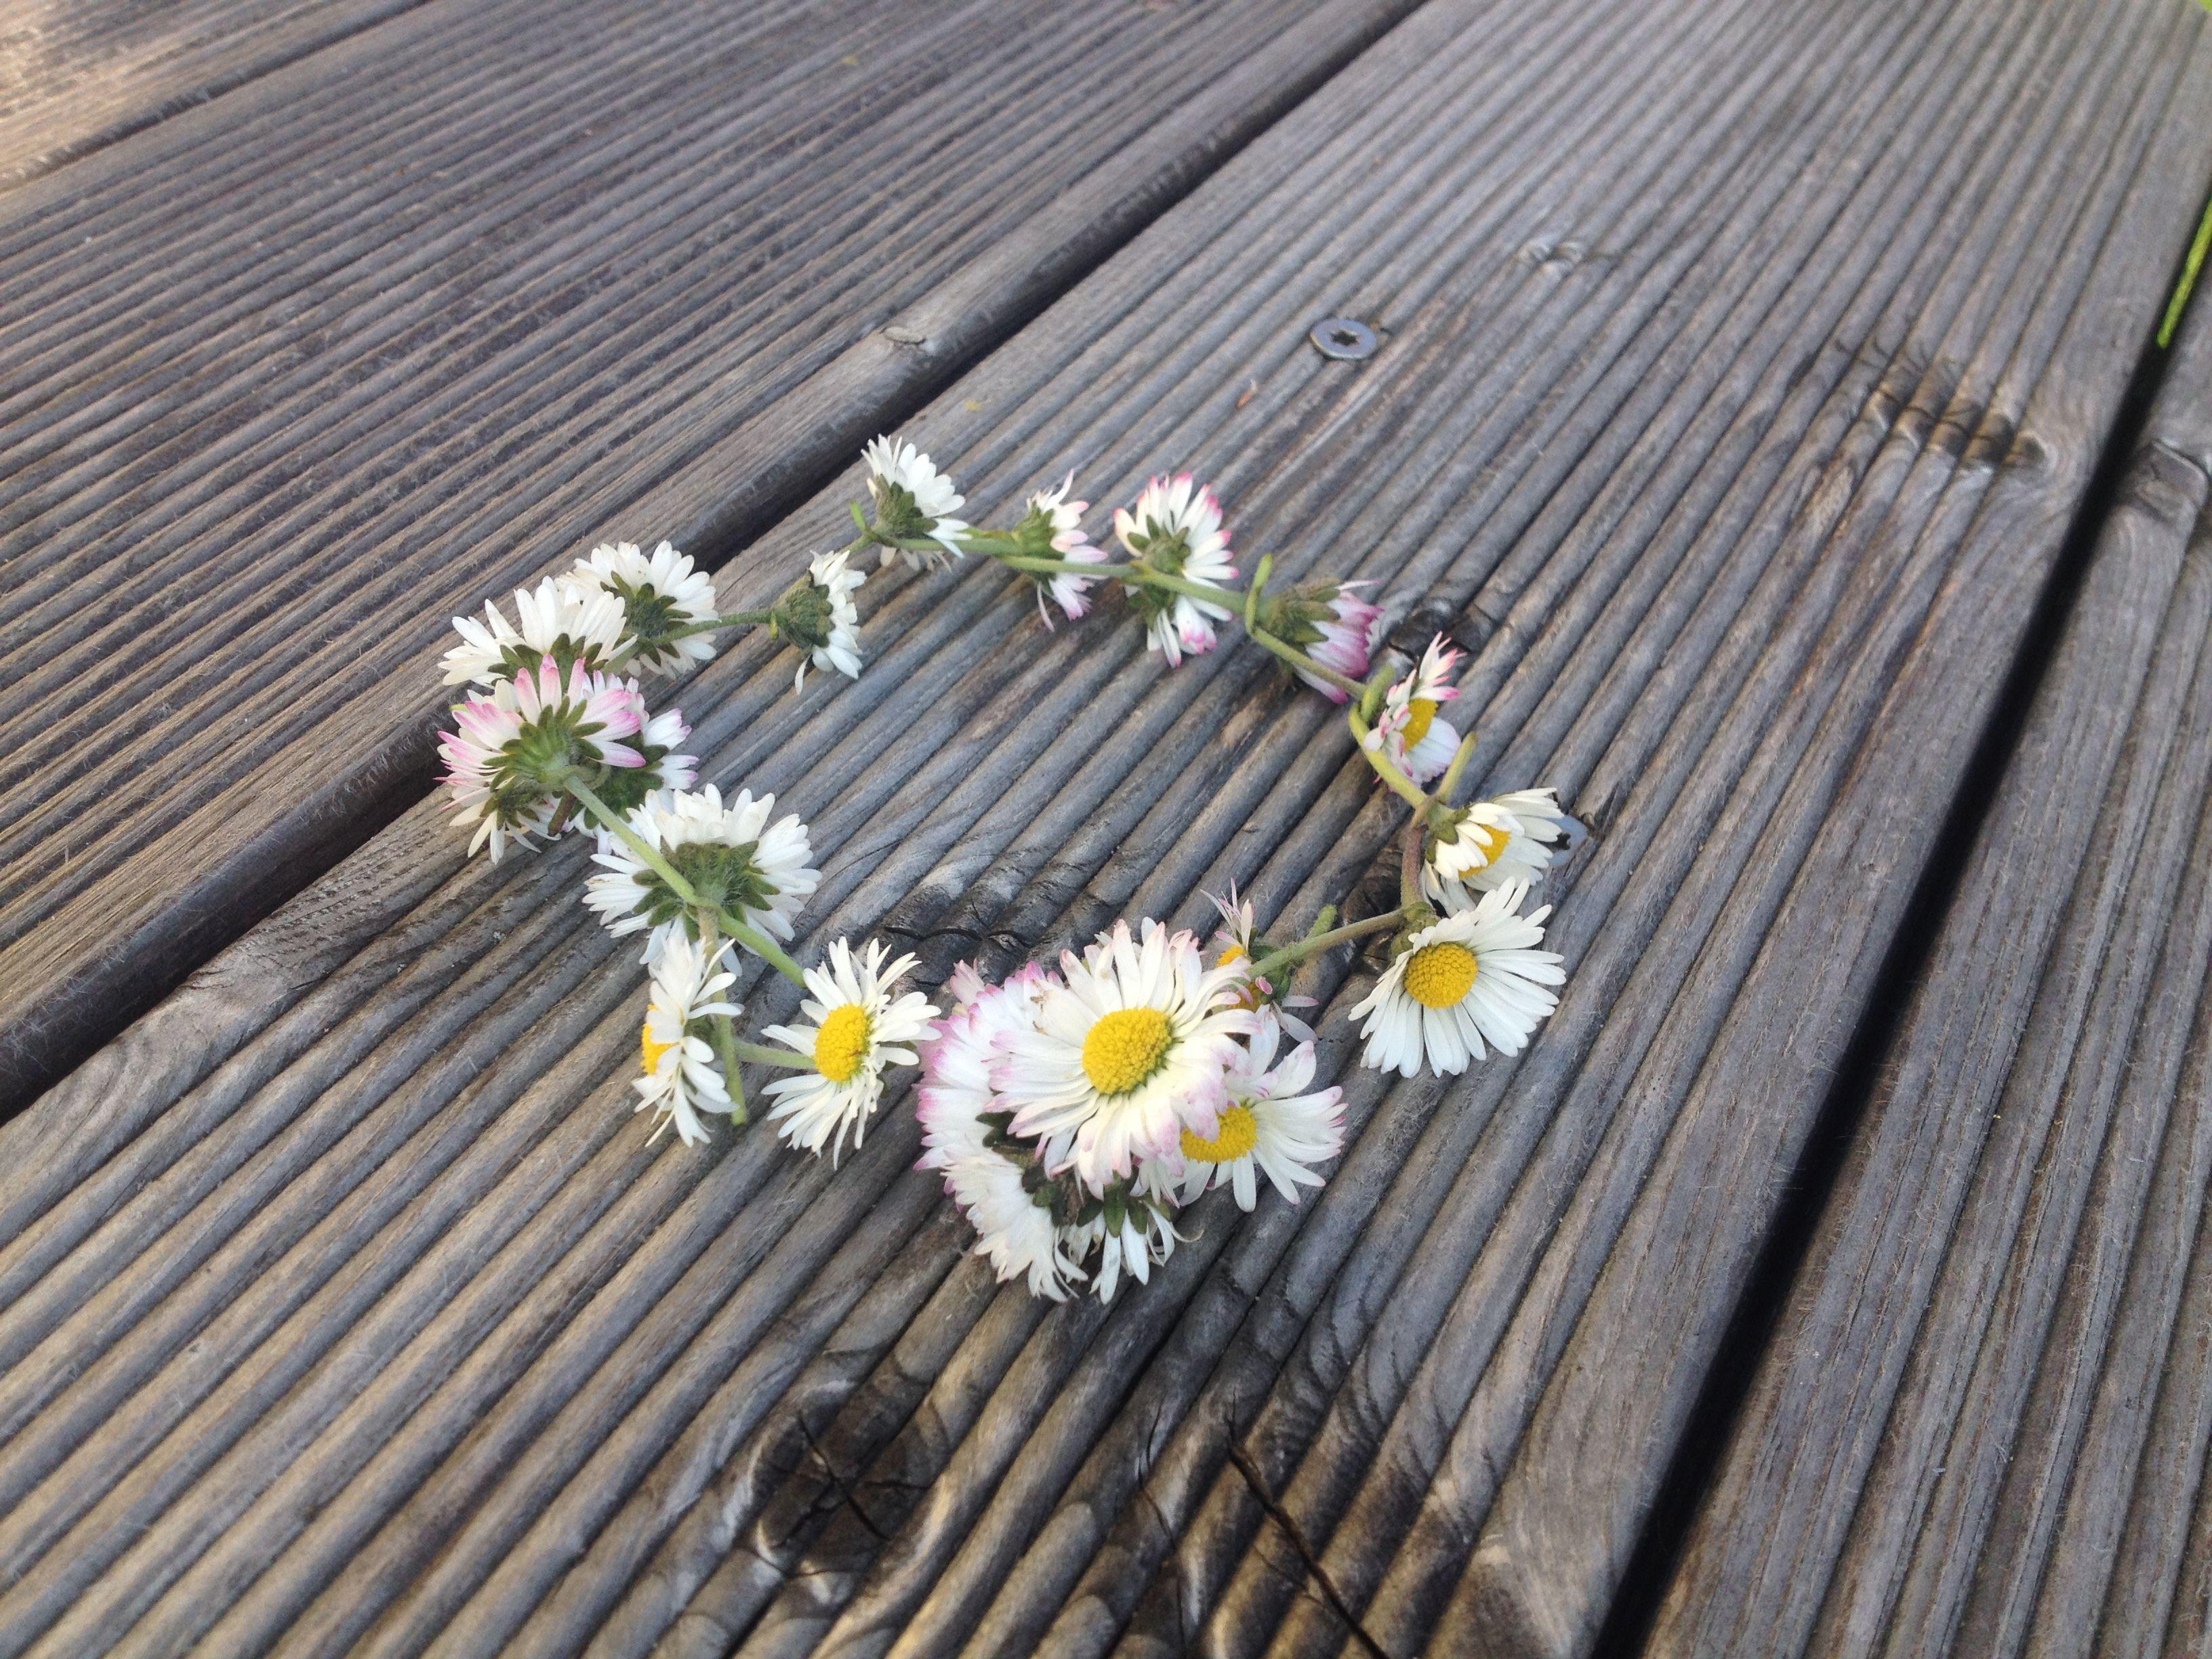 Einfach ein paar schöne Gänseblümchen suchen und aneinander ketten... Dazu muss man nur in den Stiel mit dem Fingernagel ein Loch machen und dann den Stiel der nächsten Blume hinein stecken...